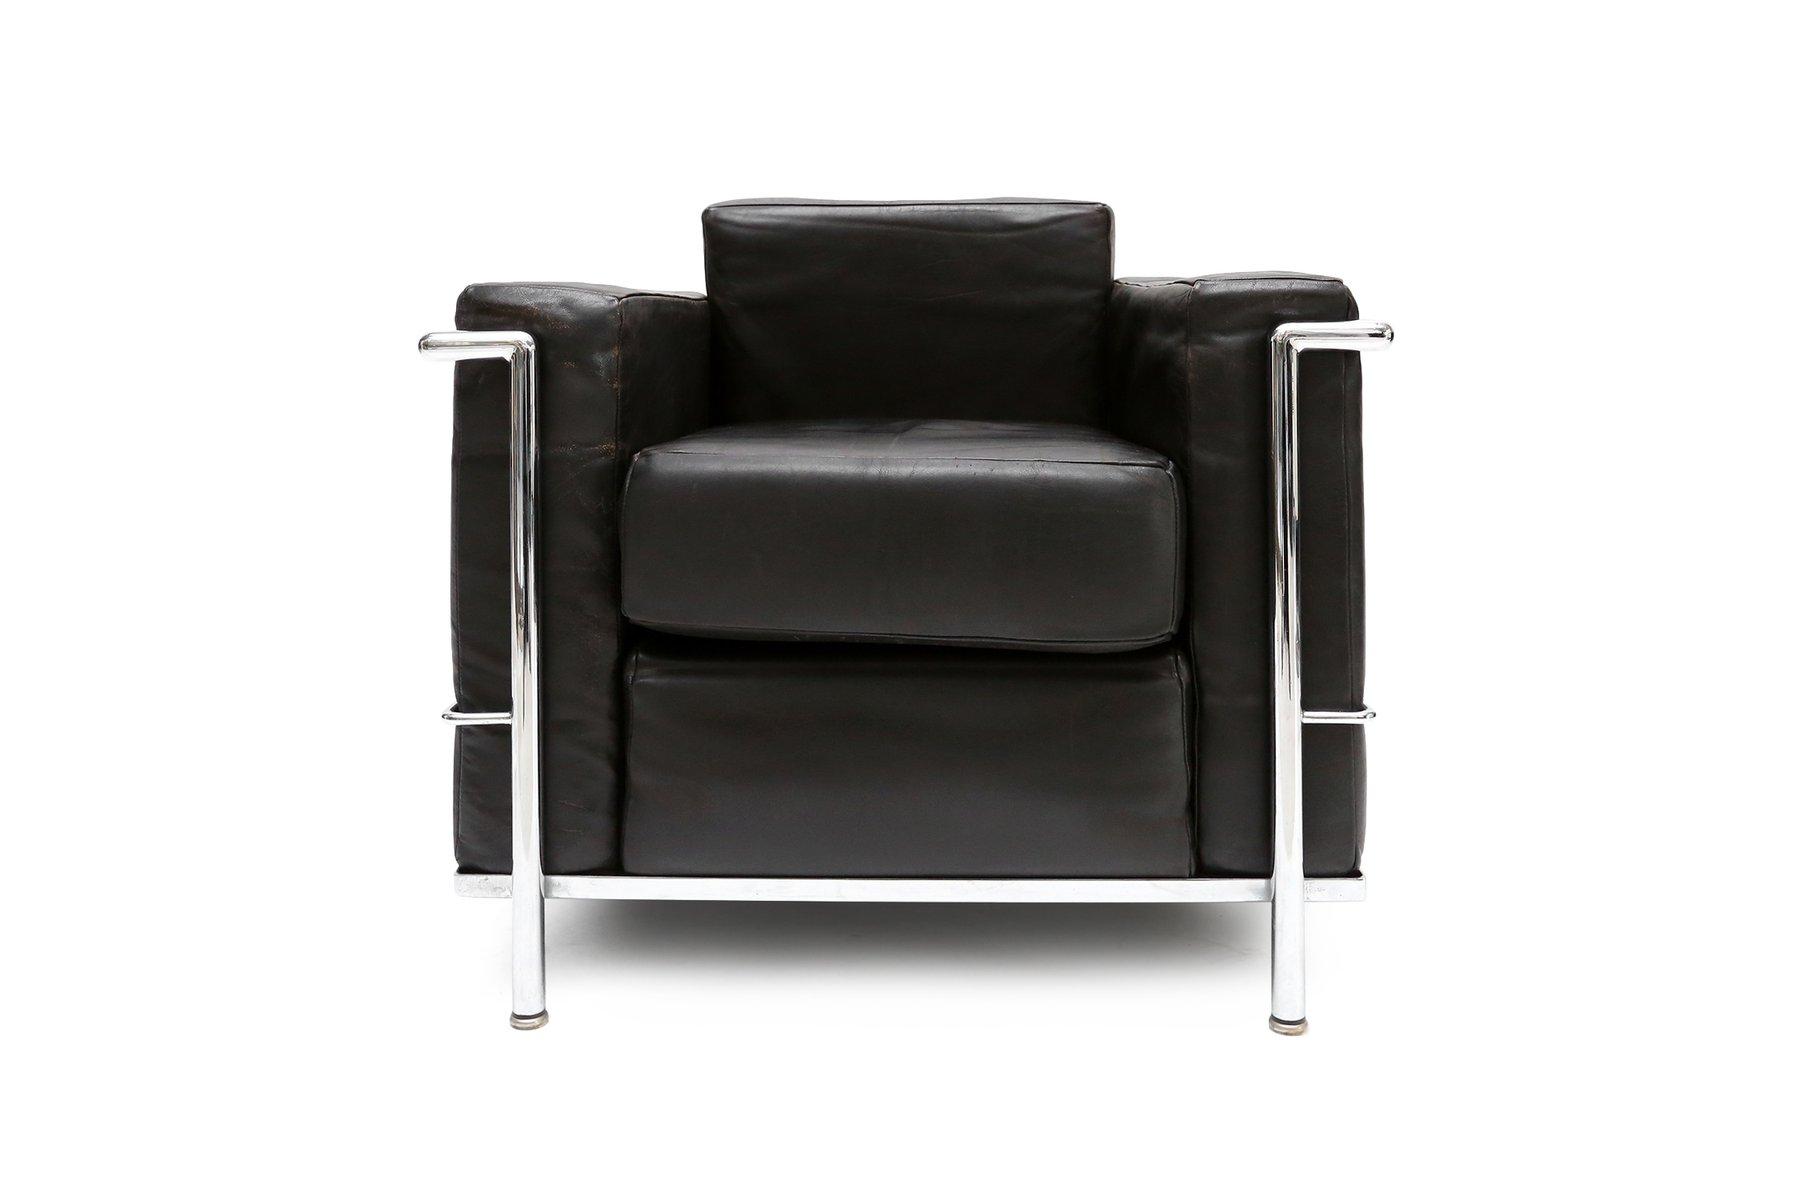 Vintage LC2 Armlehnstuhl von Le Corbusier, Jeanneret und Perriand ...